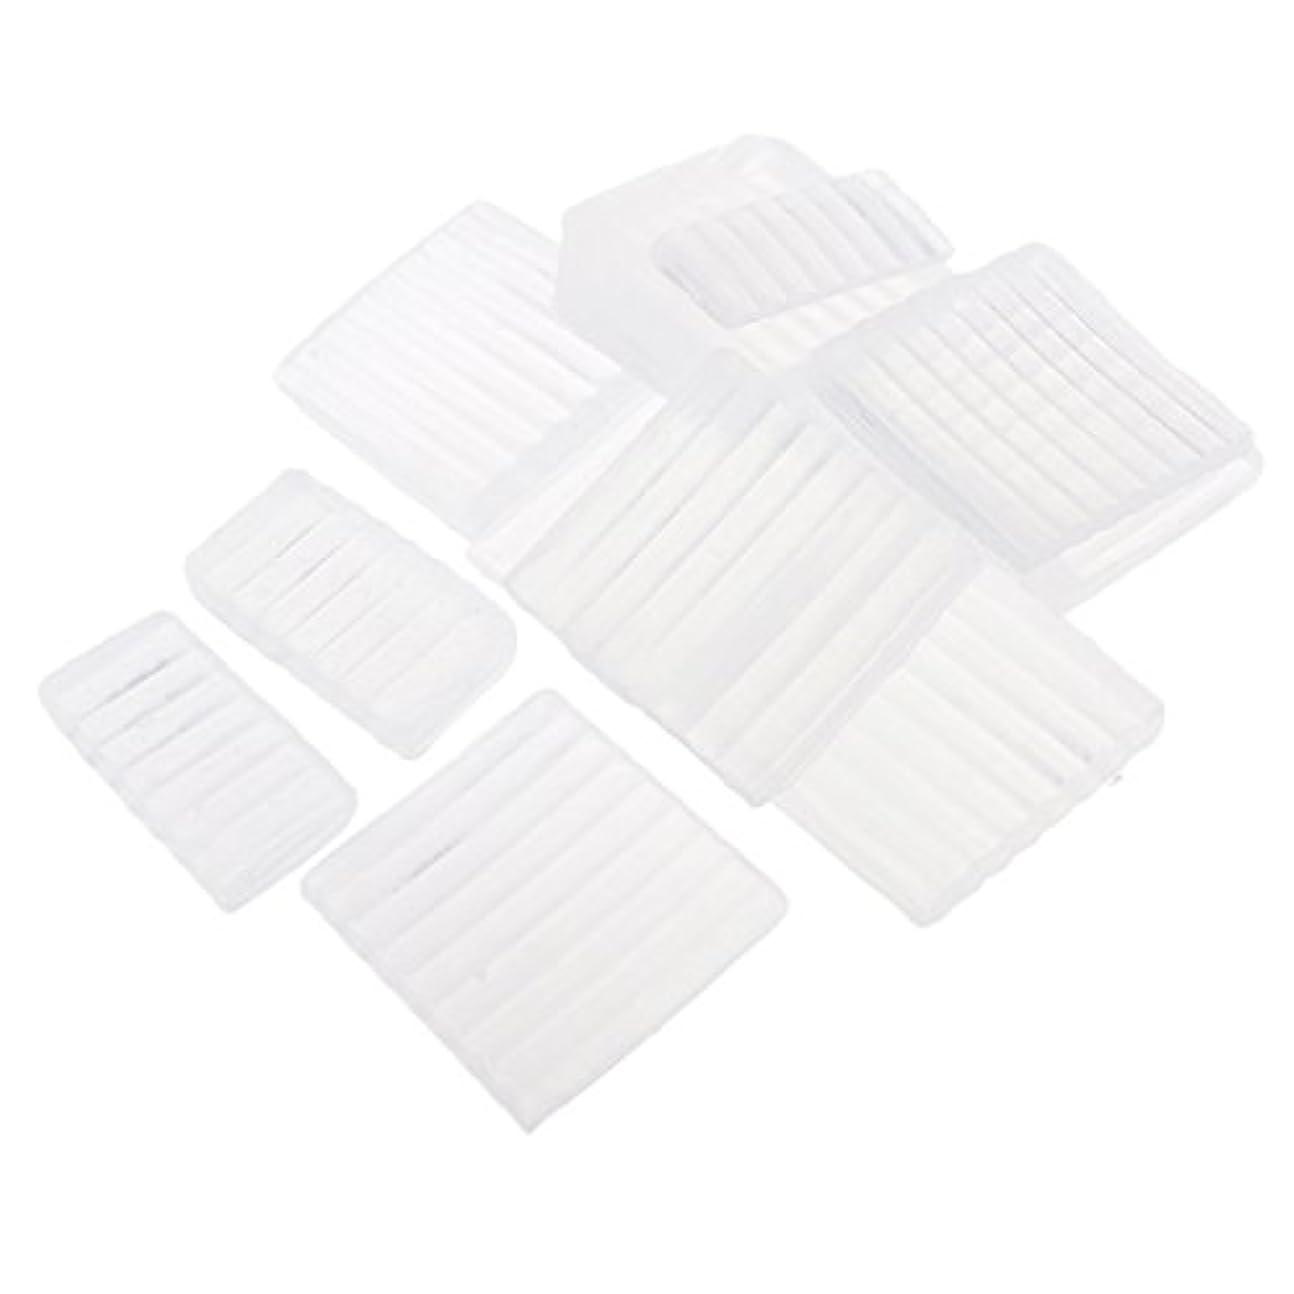 危機アレルギー性ゆるいPerfeclan 約500g ホワイト 透明 石鹸ベース DIY 手作り 石鹸 材料